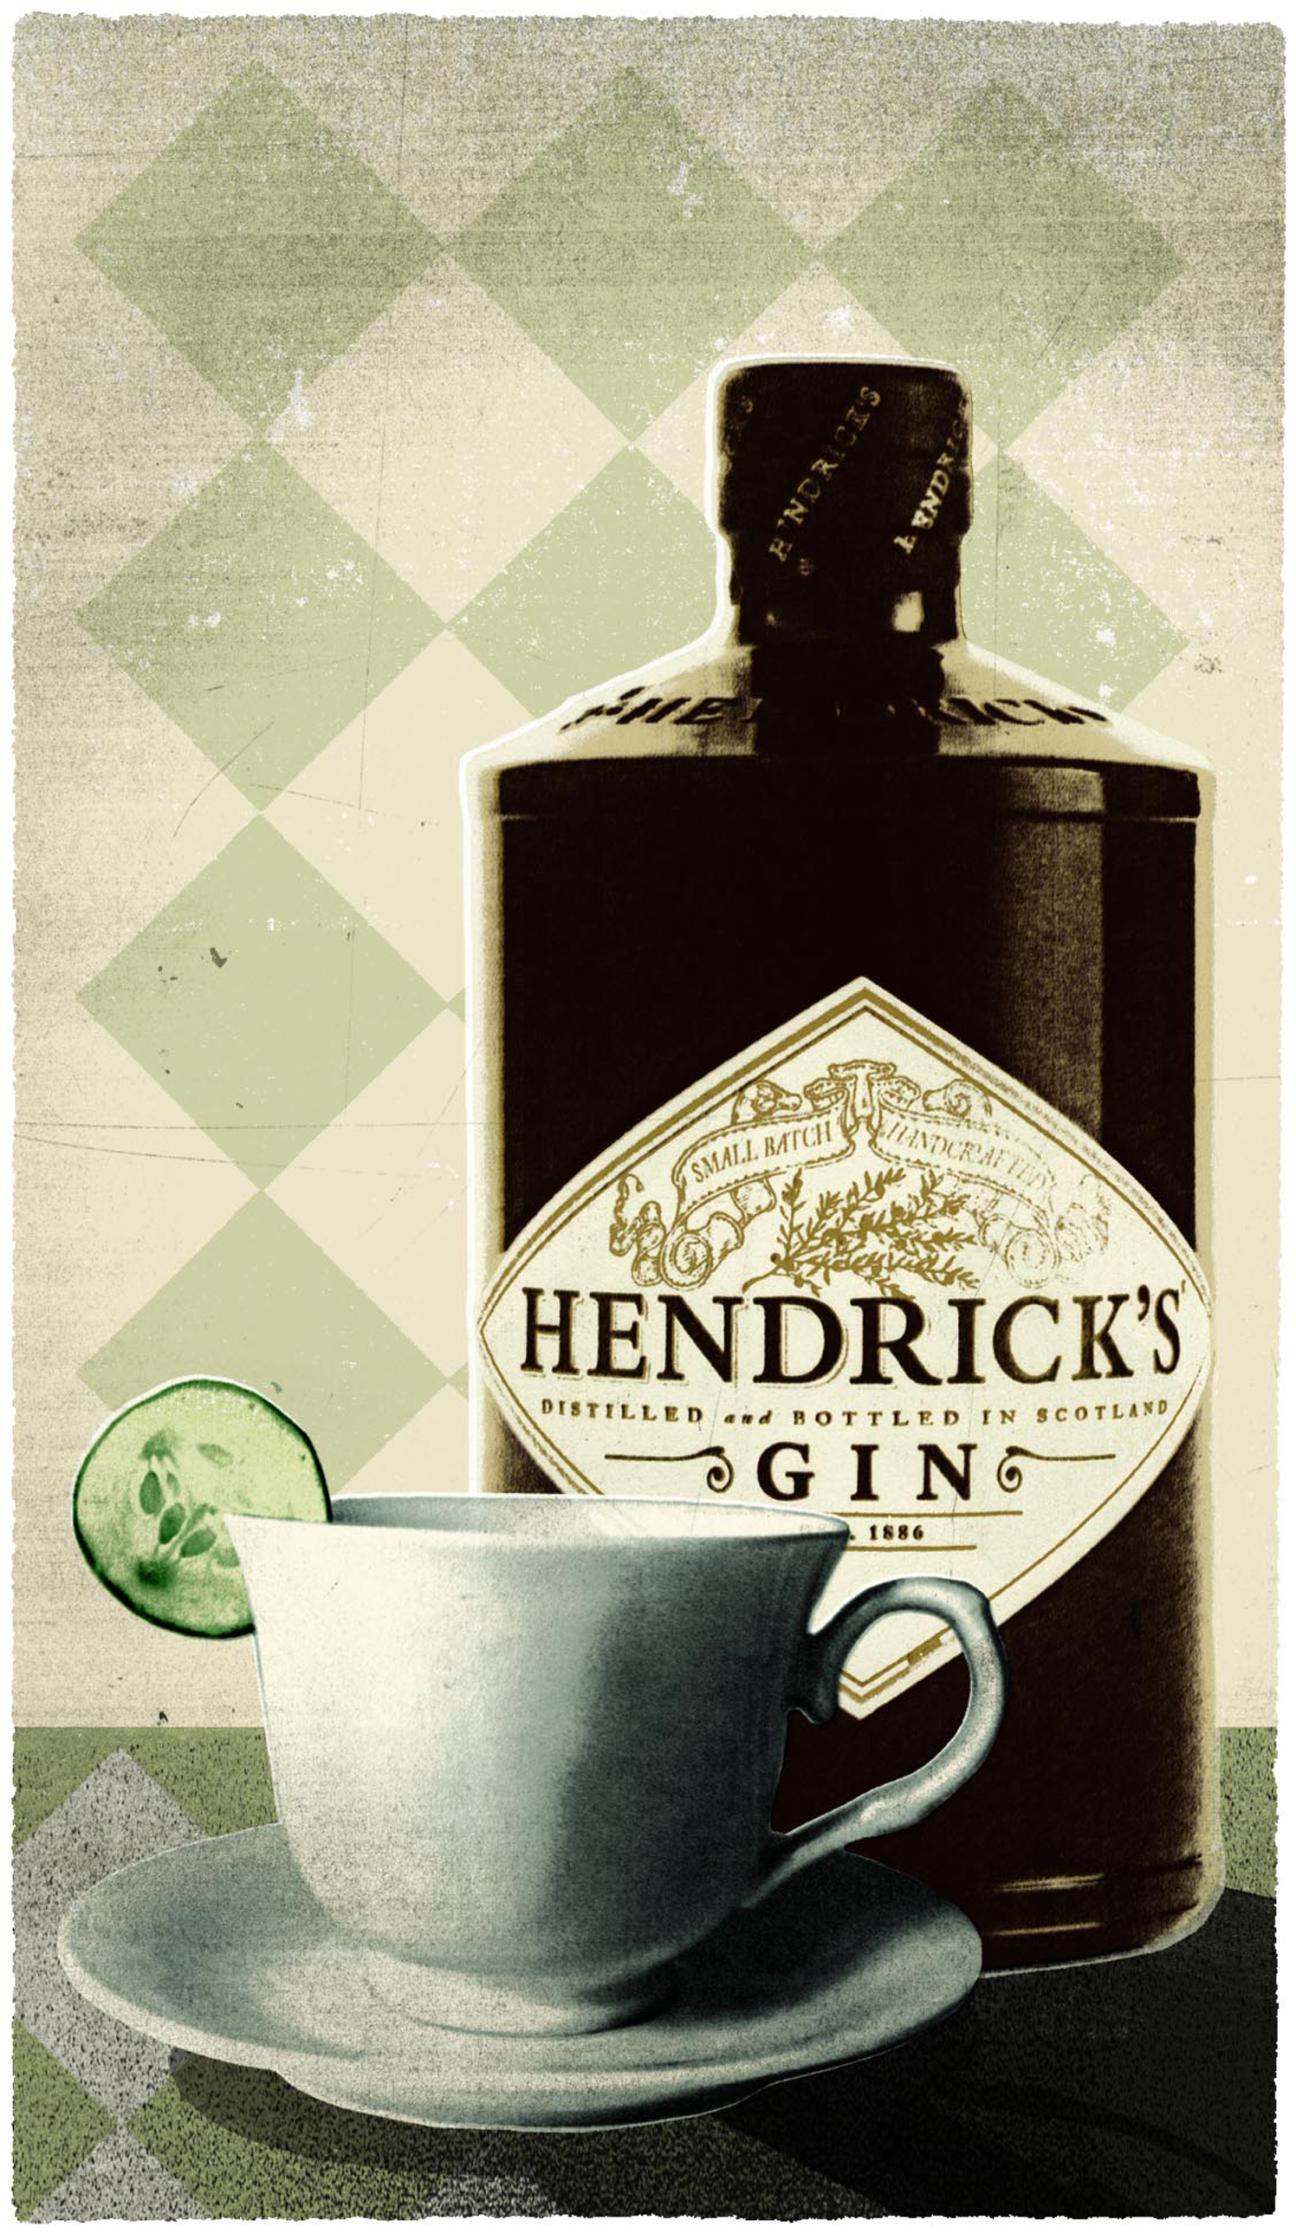 Harrods Magazine Hendrick's Gin